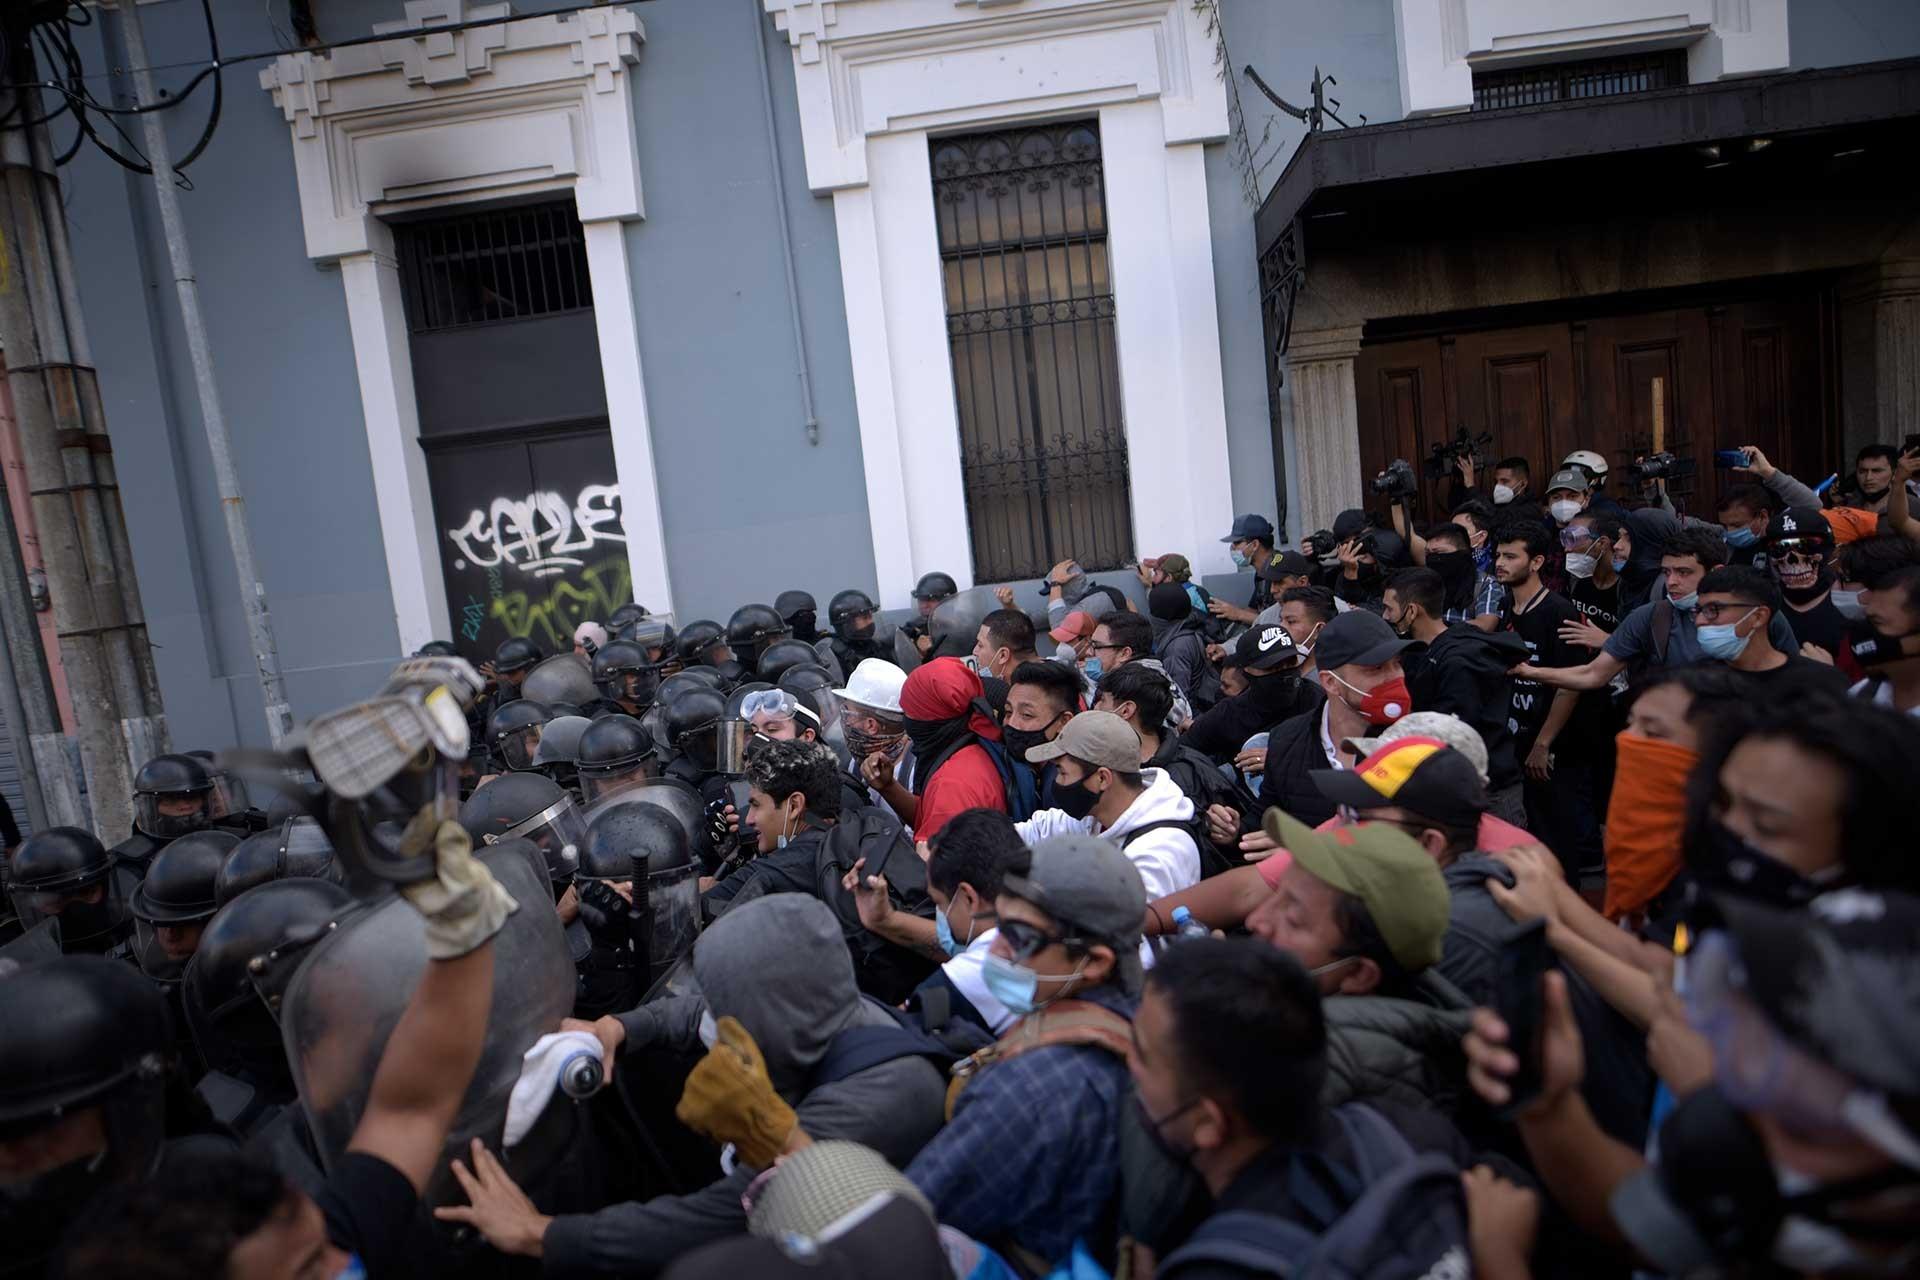 Guatemala'da protesto için kongre binasına girmek isteyenler (sağda) ve karşılarında polis